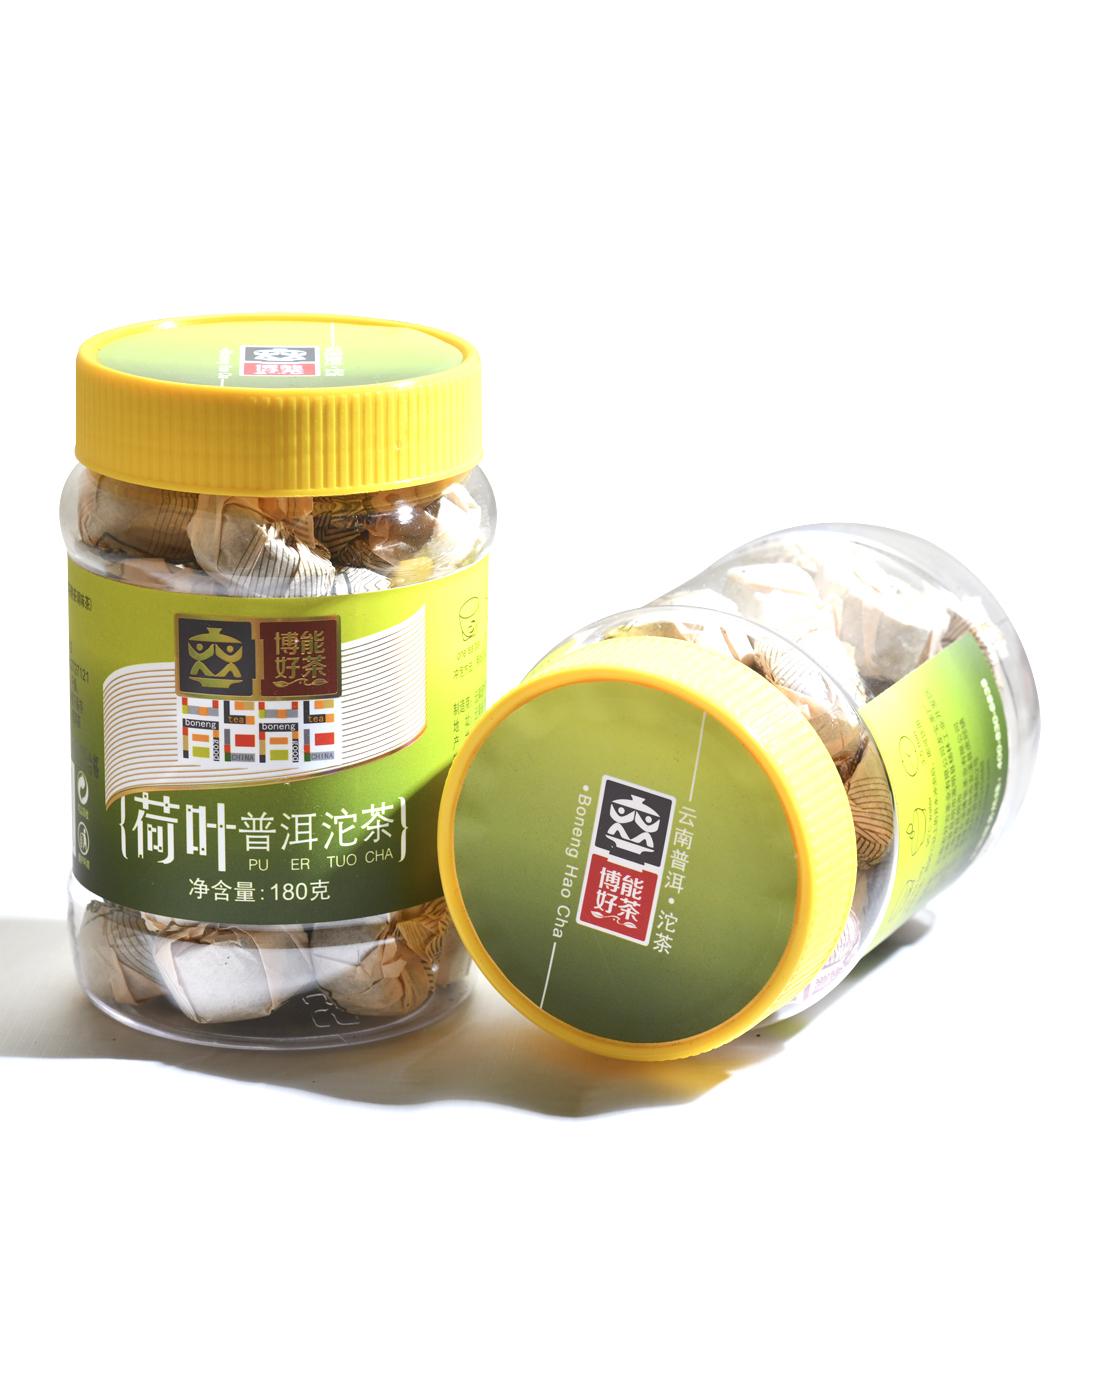 博能好茶 荷叶普洱沱茶云南普洱熟茶180克透明罐包装